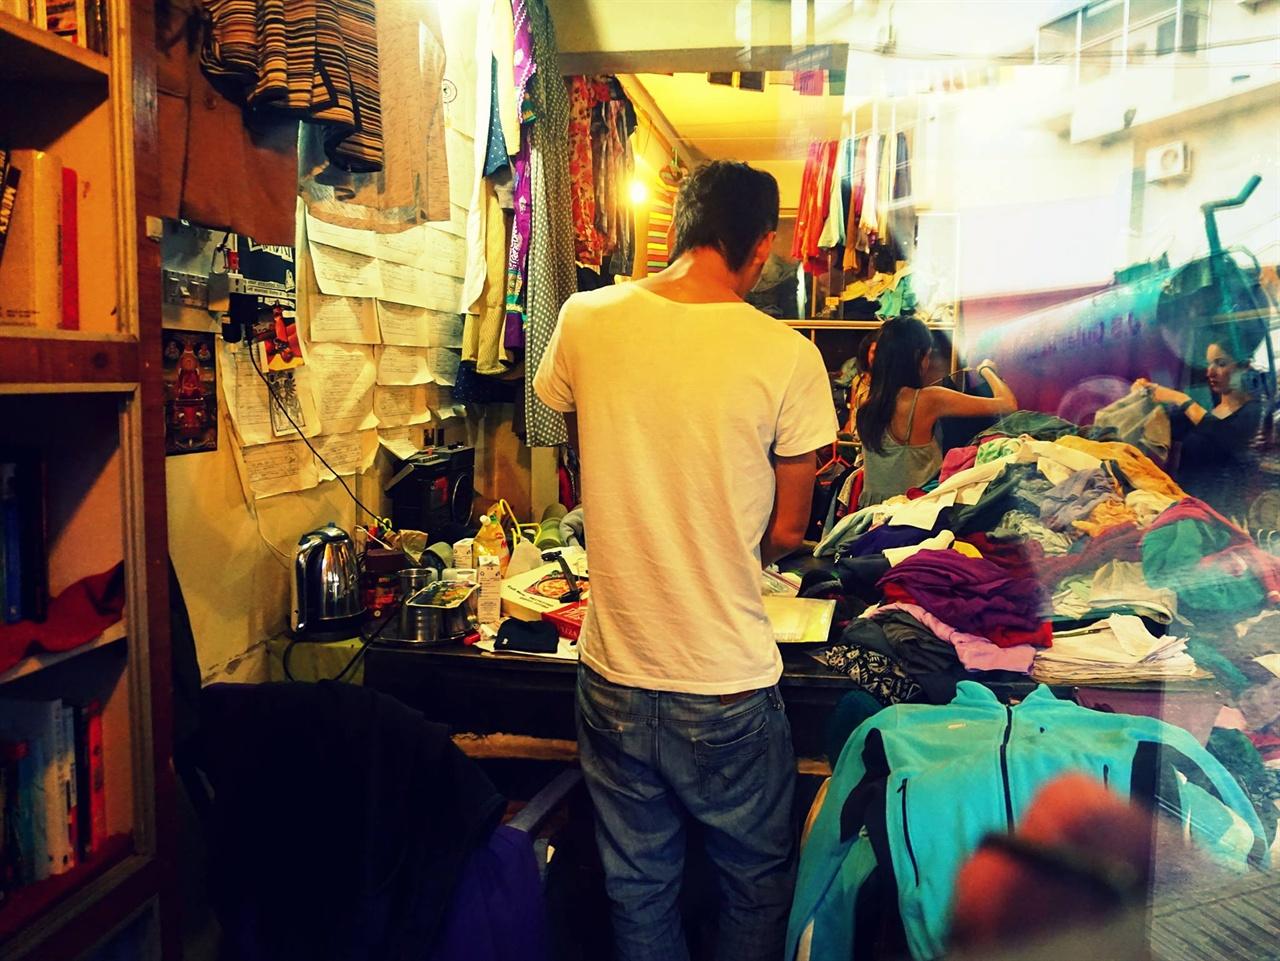 """""""인도에 온 지는 11년, 이곳에 가게를 차린 건 이제 8년이 됐죠"""" - 인도 북부 맥그로드 간즈에서 여행자를 위한 중고상점을 운영하고 있는 최 씨의 모습이다."""